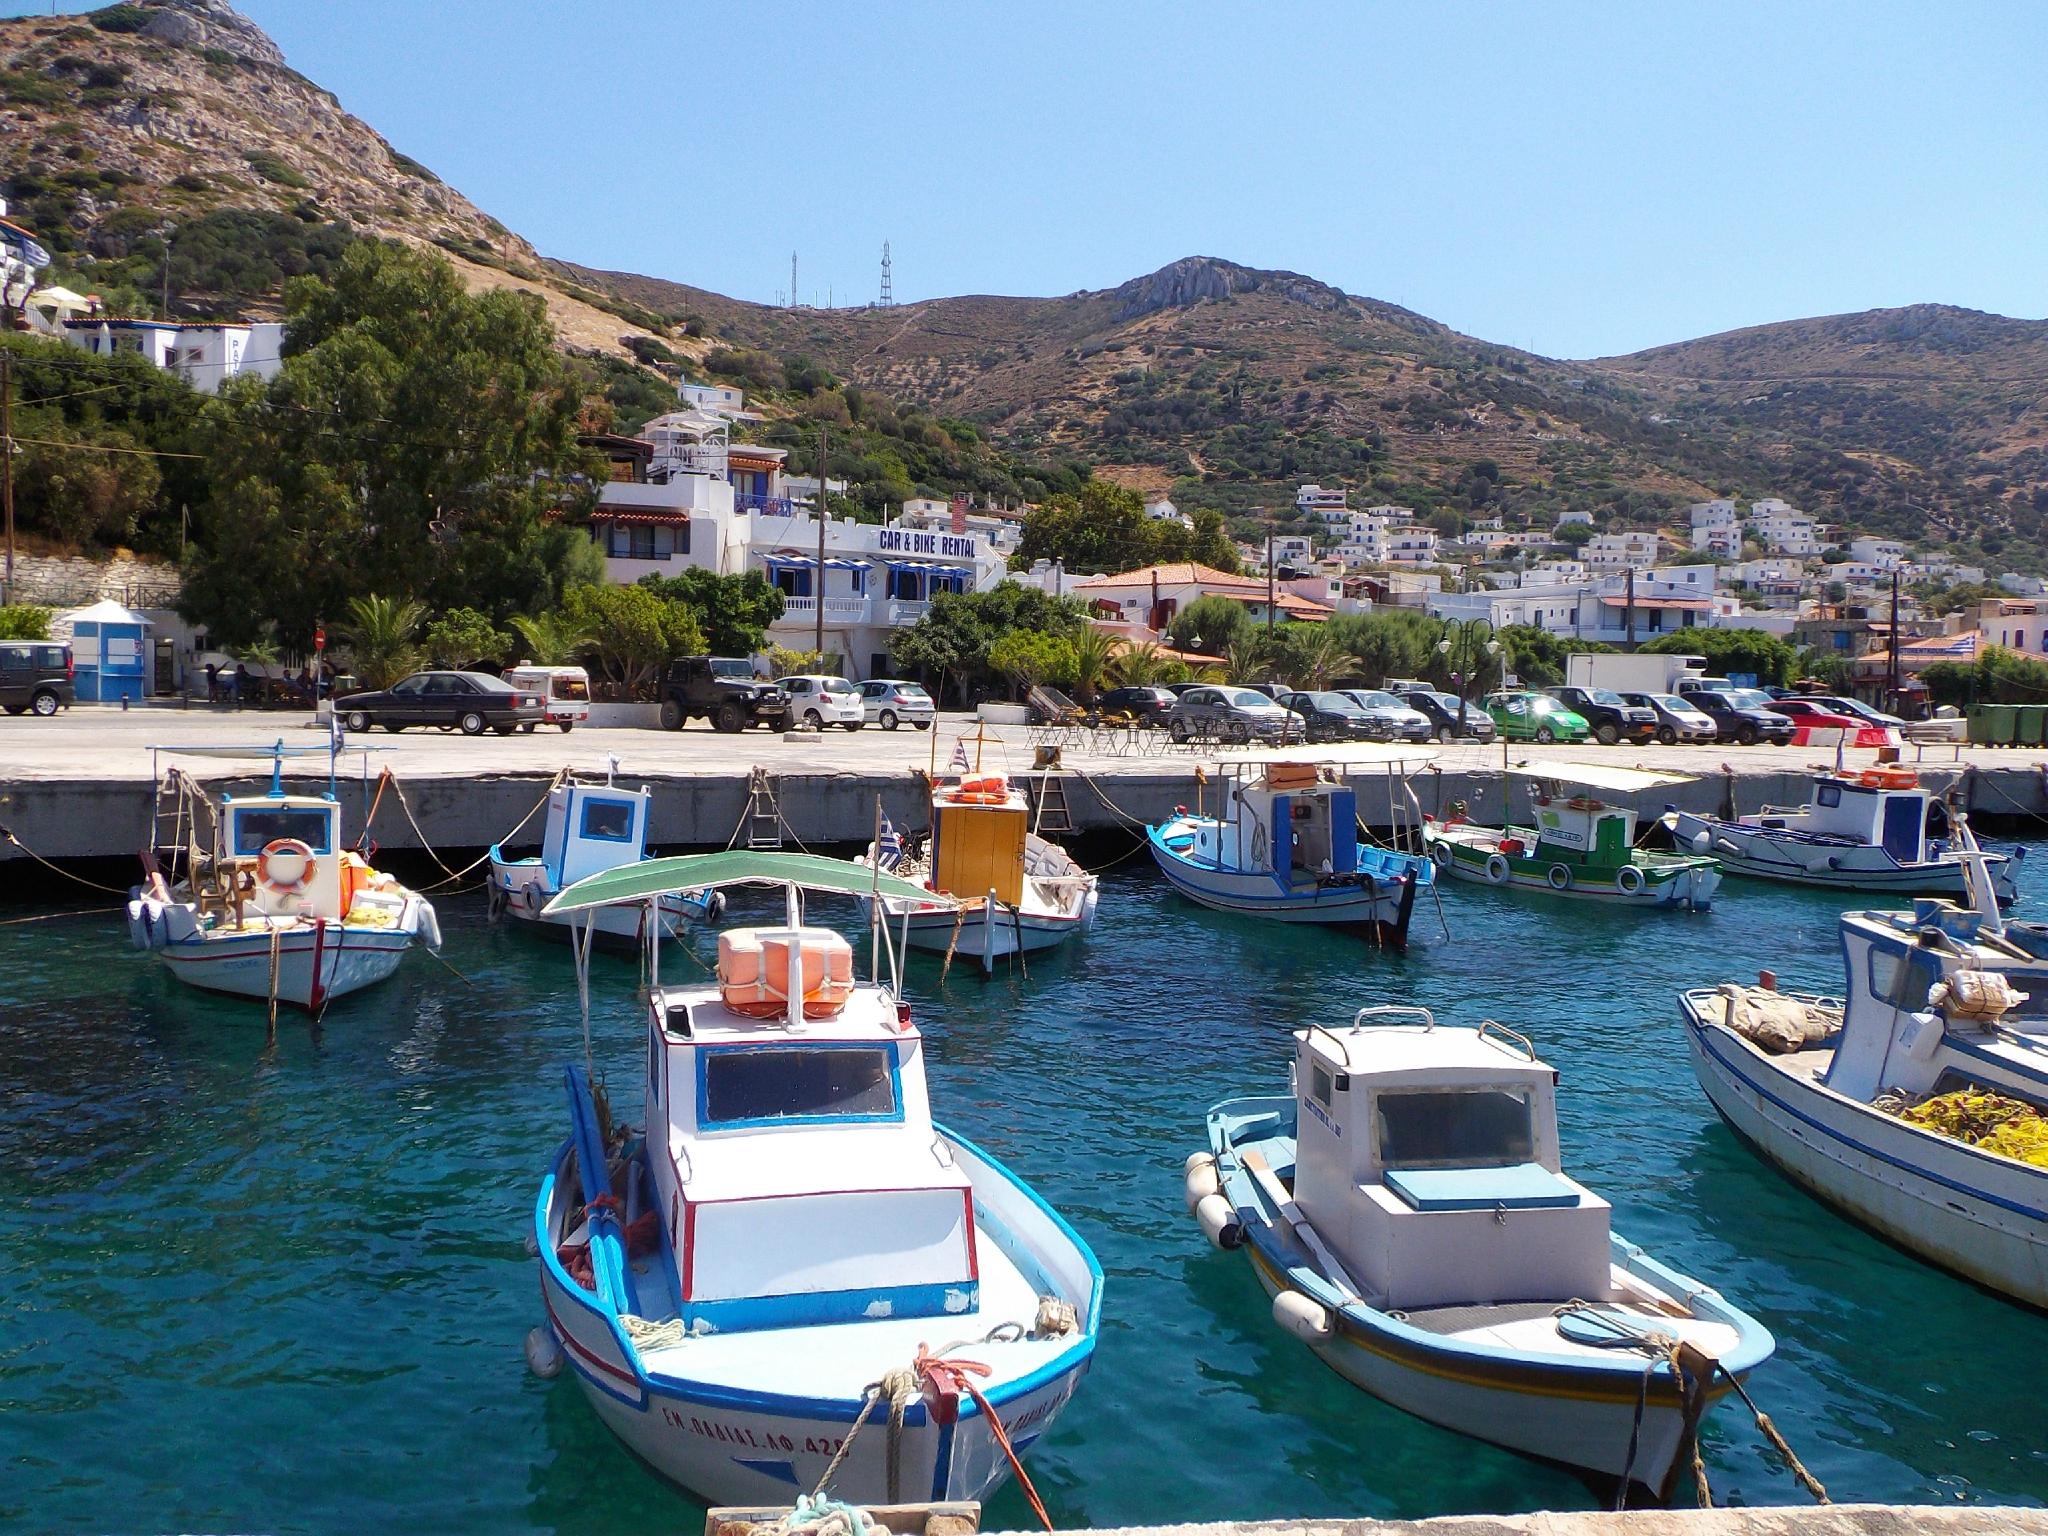 Fourni Korseon ... un peu de Grèce Authentique